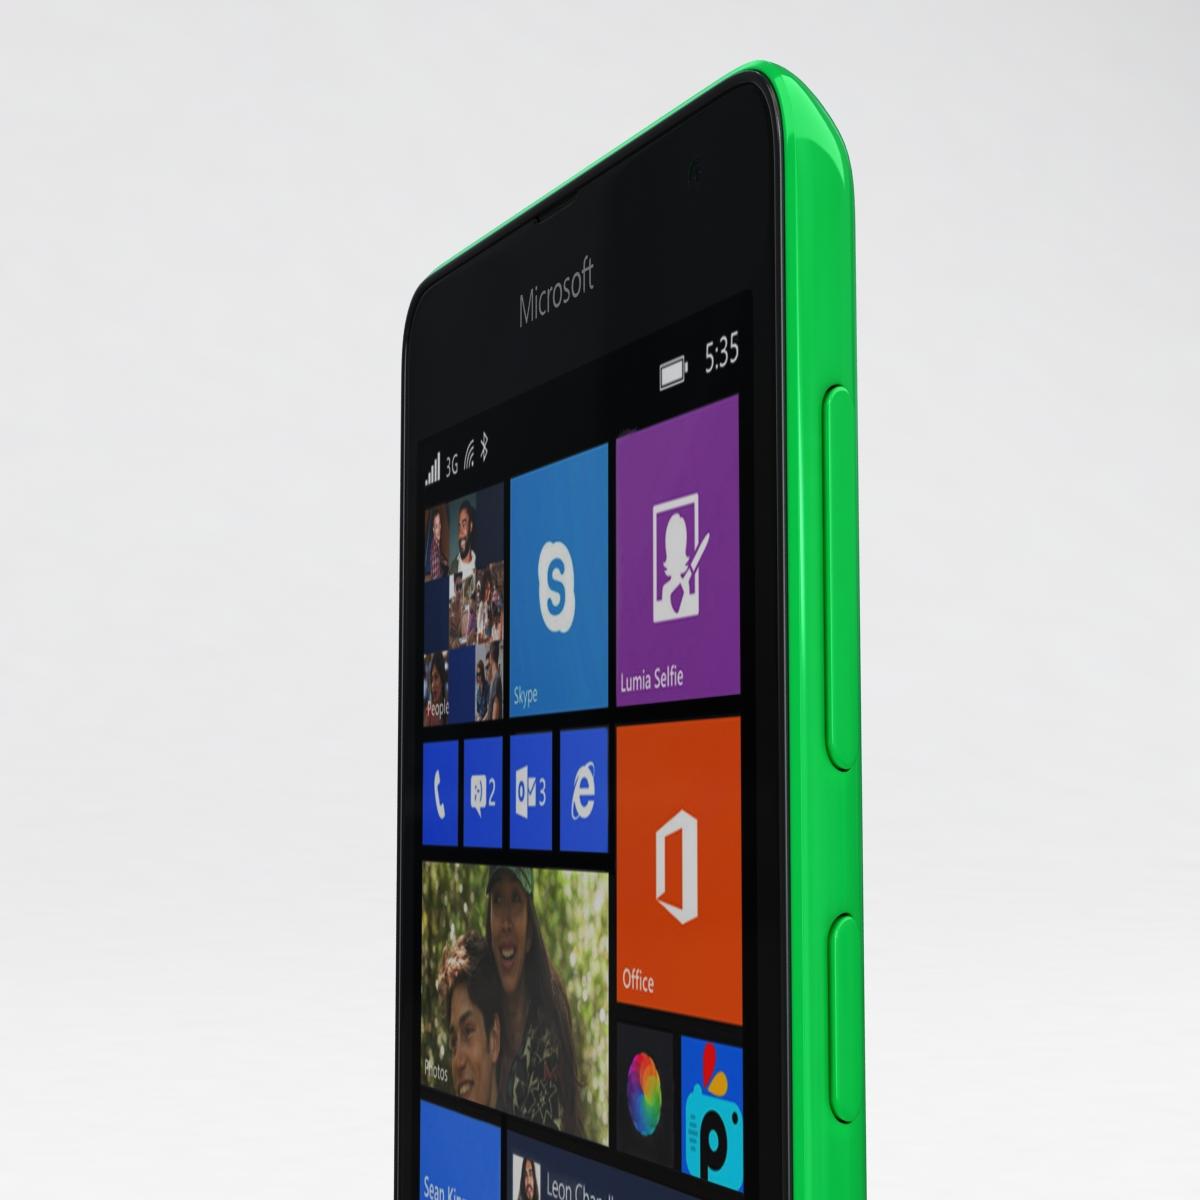 microsoft lumia 535 and dual sim all colors 3d model 3ds max fbx c4d obj 204676